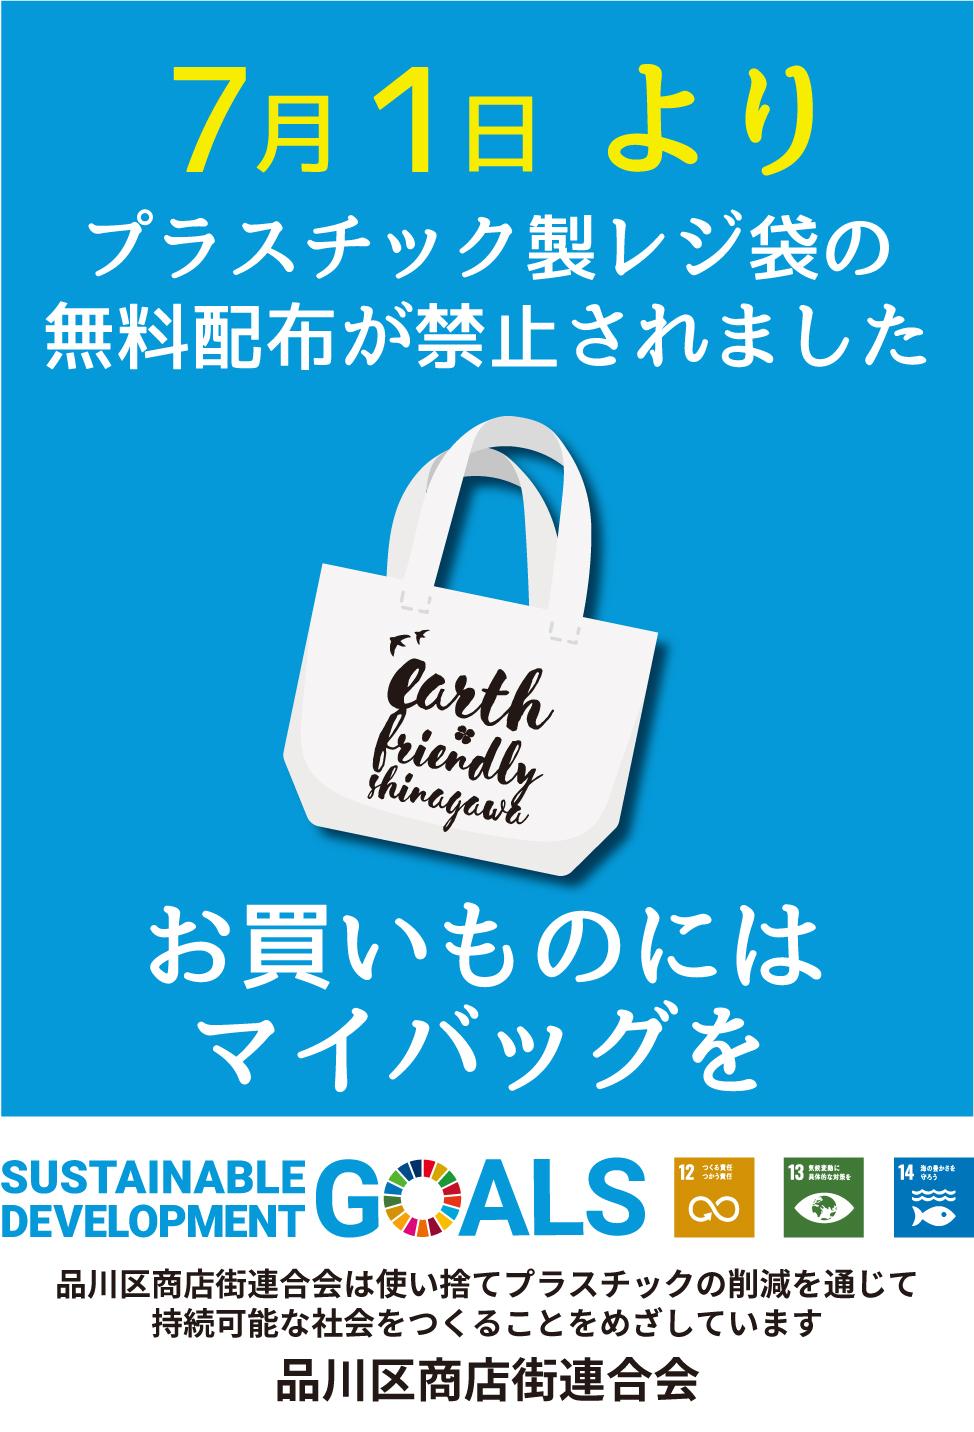 使い捨てプラスチックを削減するためマイバッグをご持参ください!